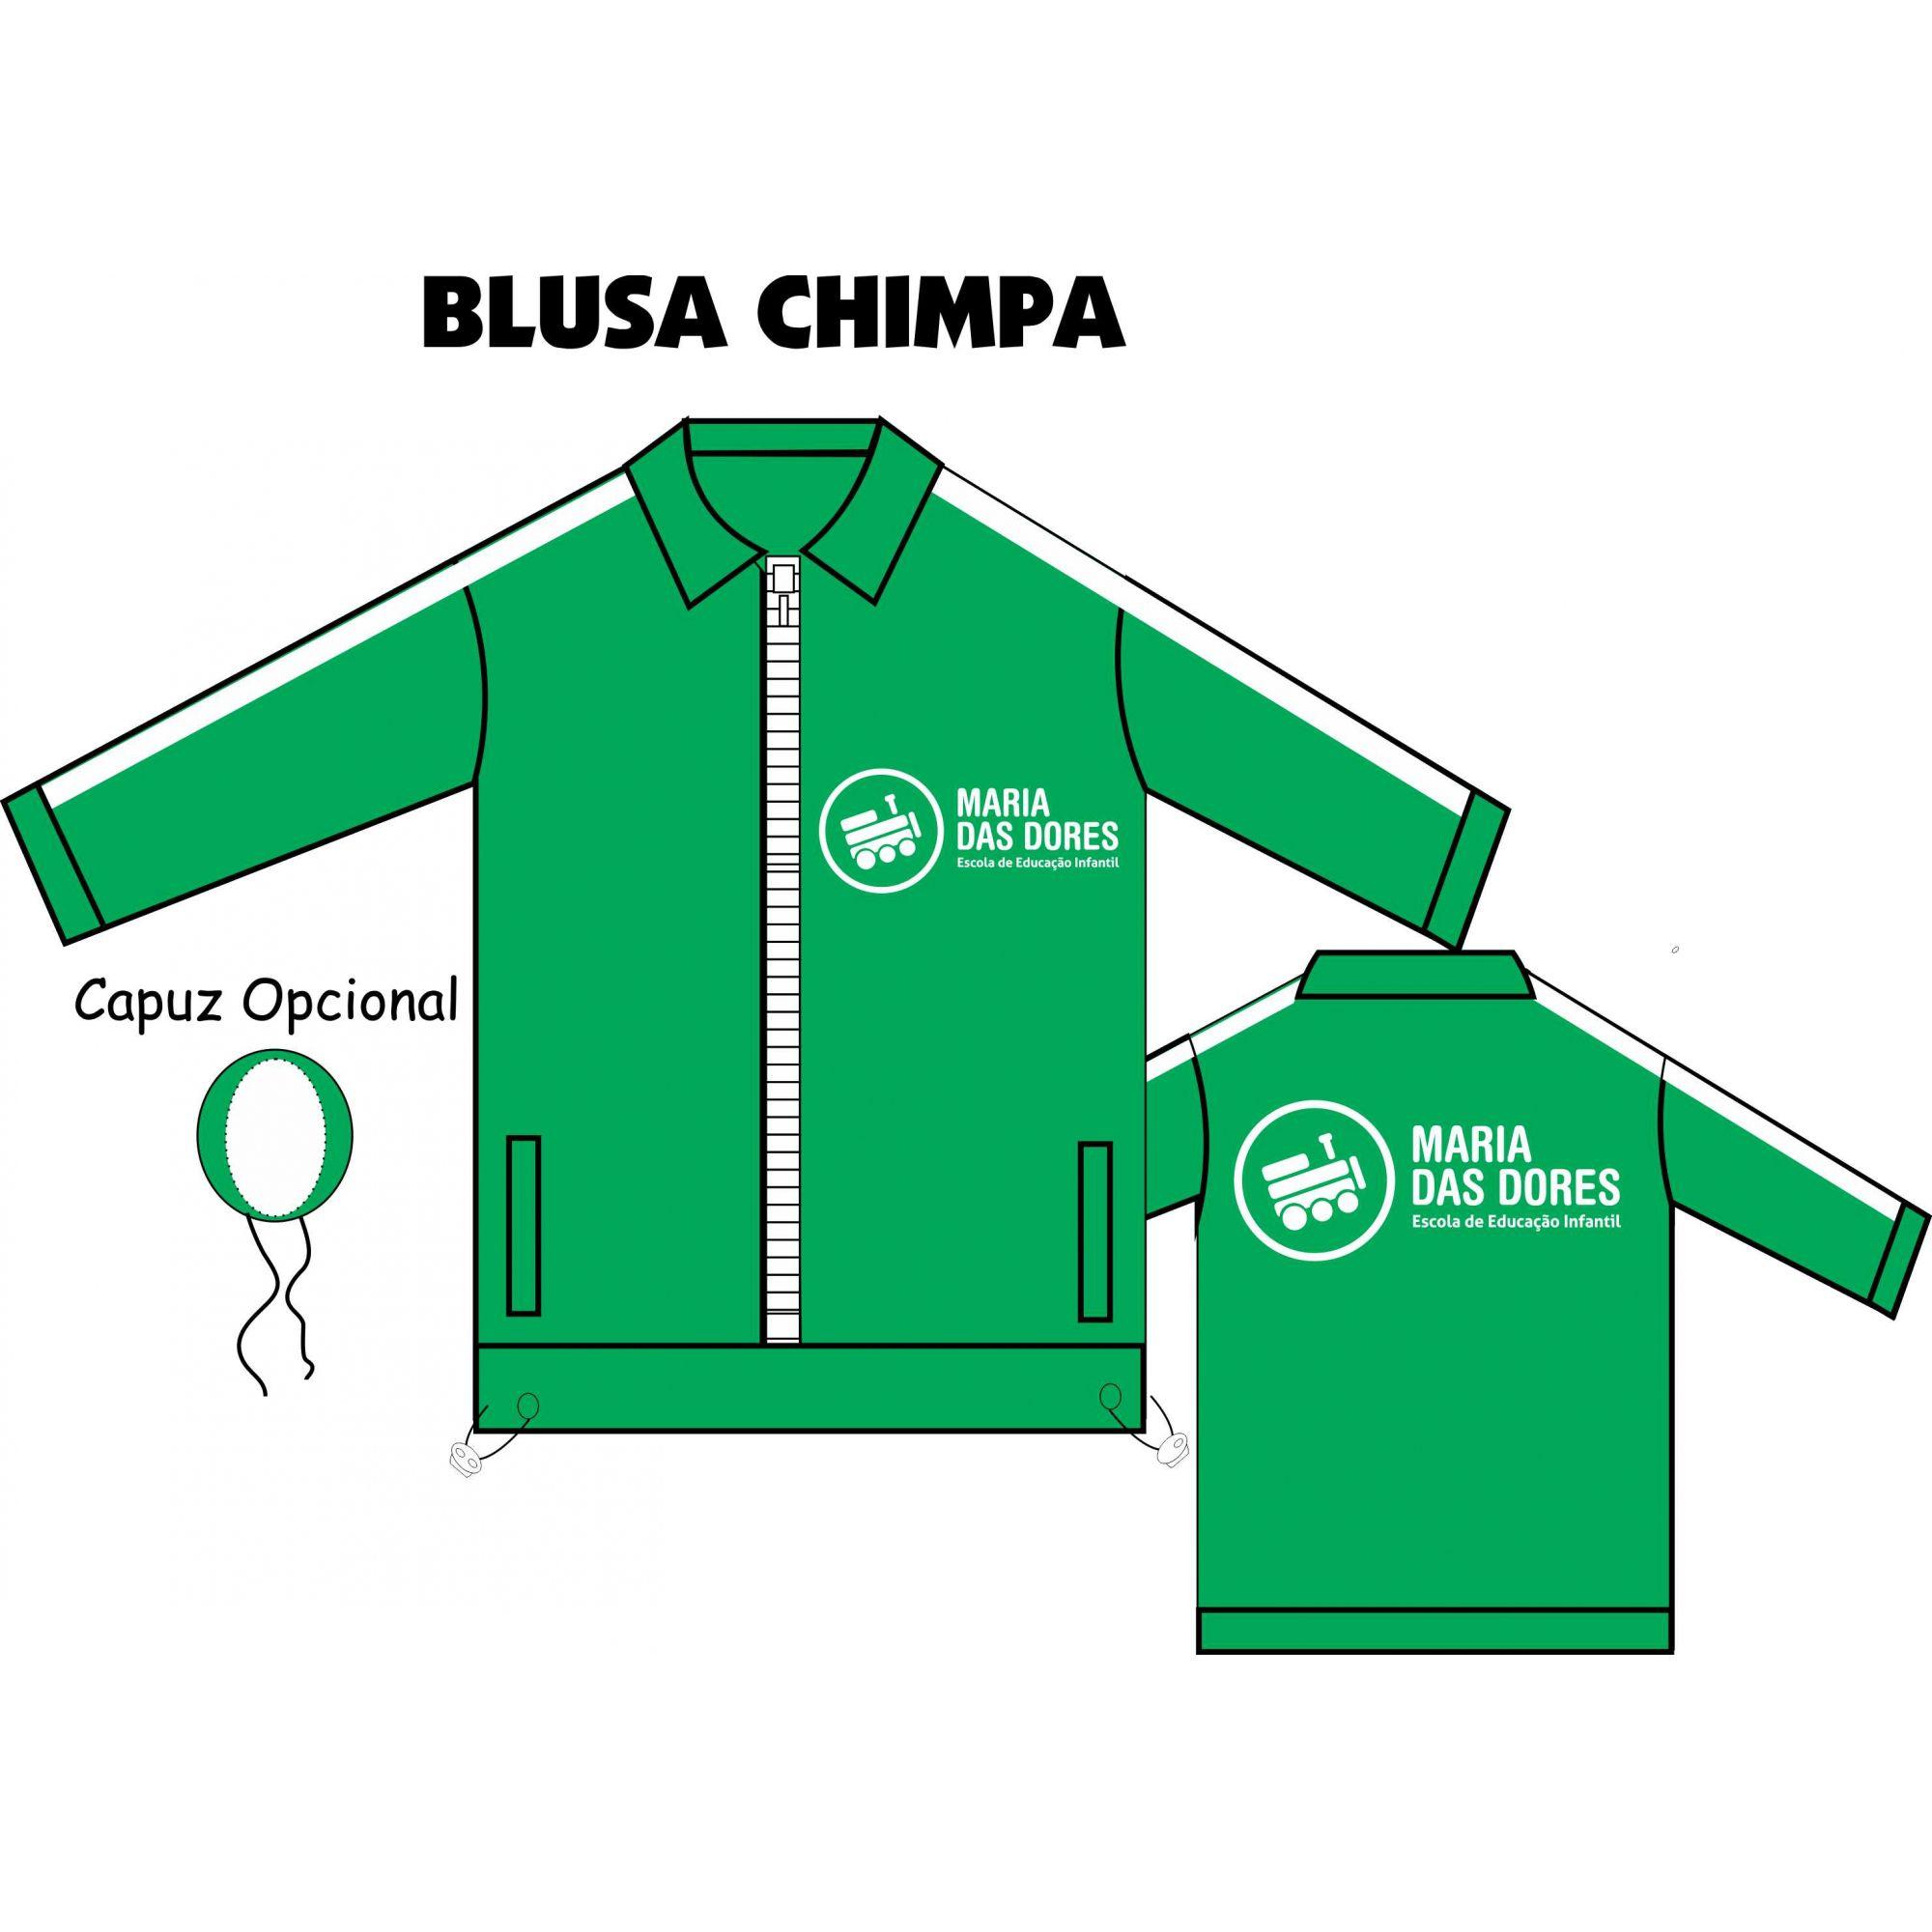 Blusa Chimpa Fechado S/ Capuz Maria das Dores